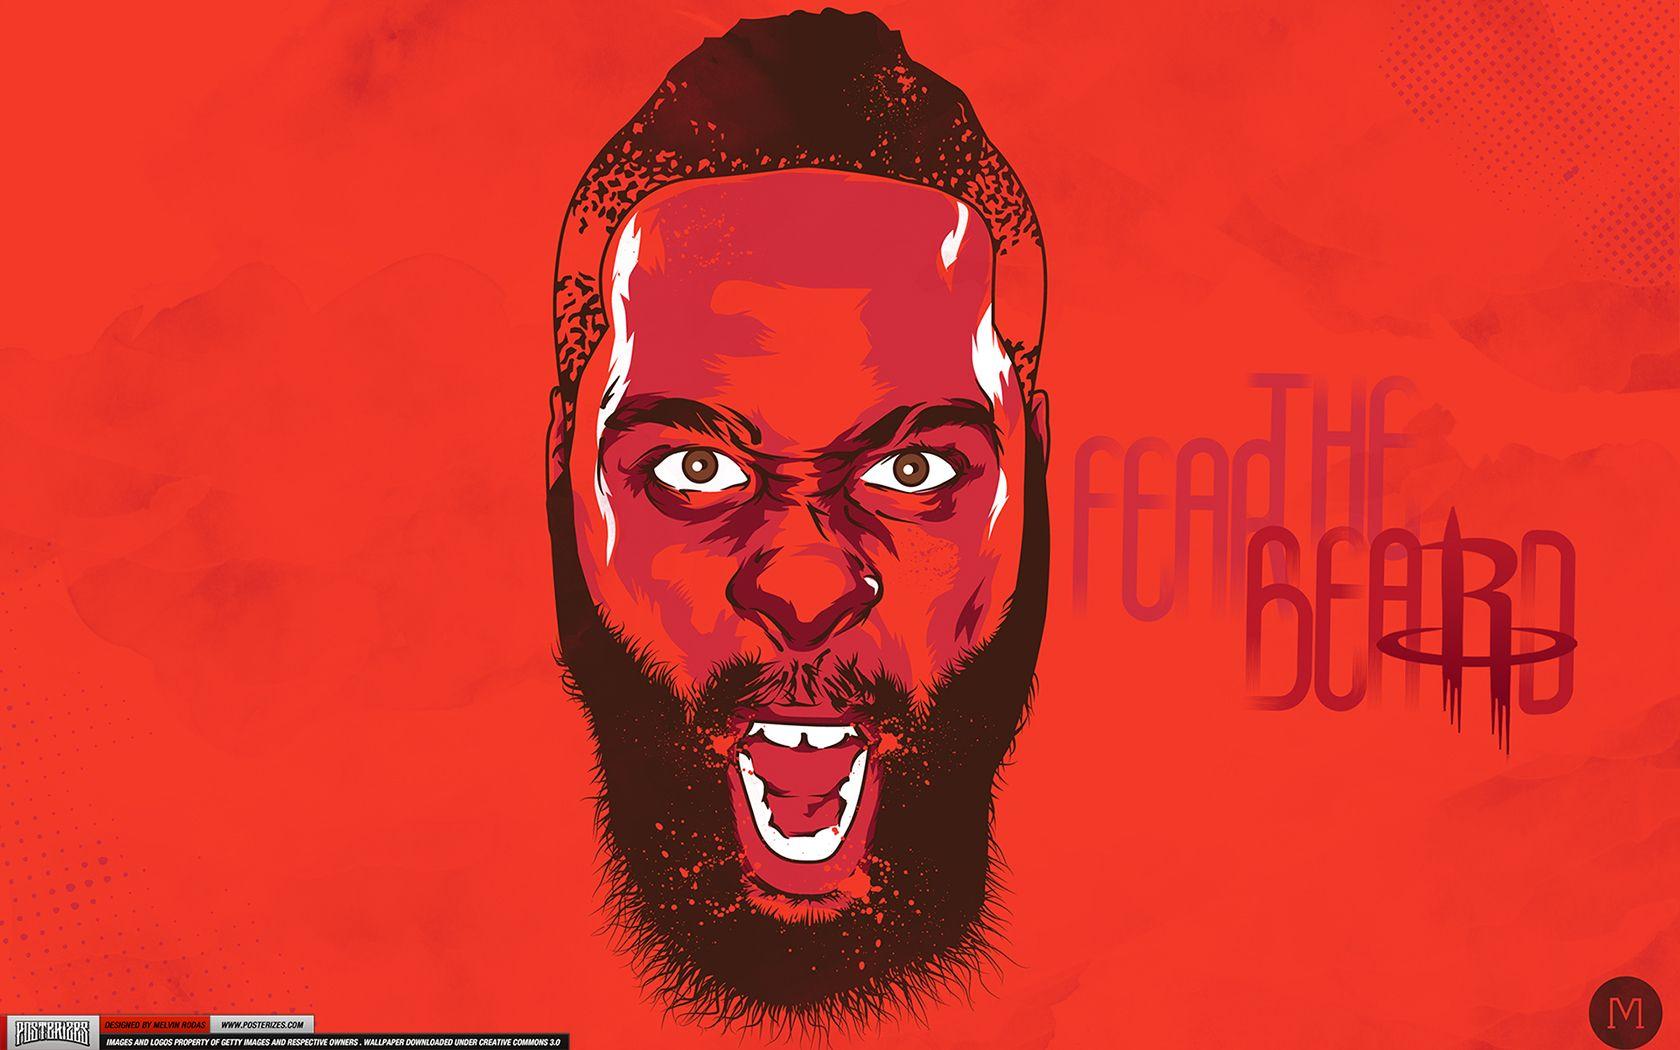 James Fear The Beard Harden Houston Rockets Nba Wallpapers